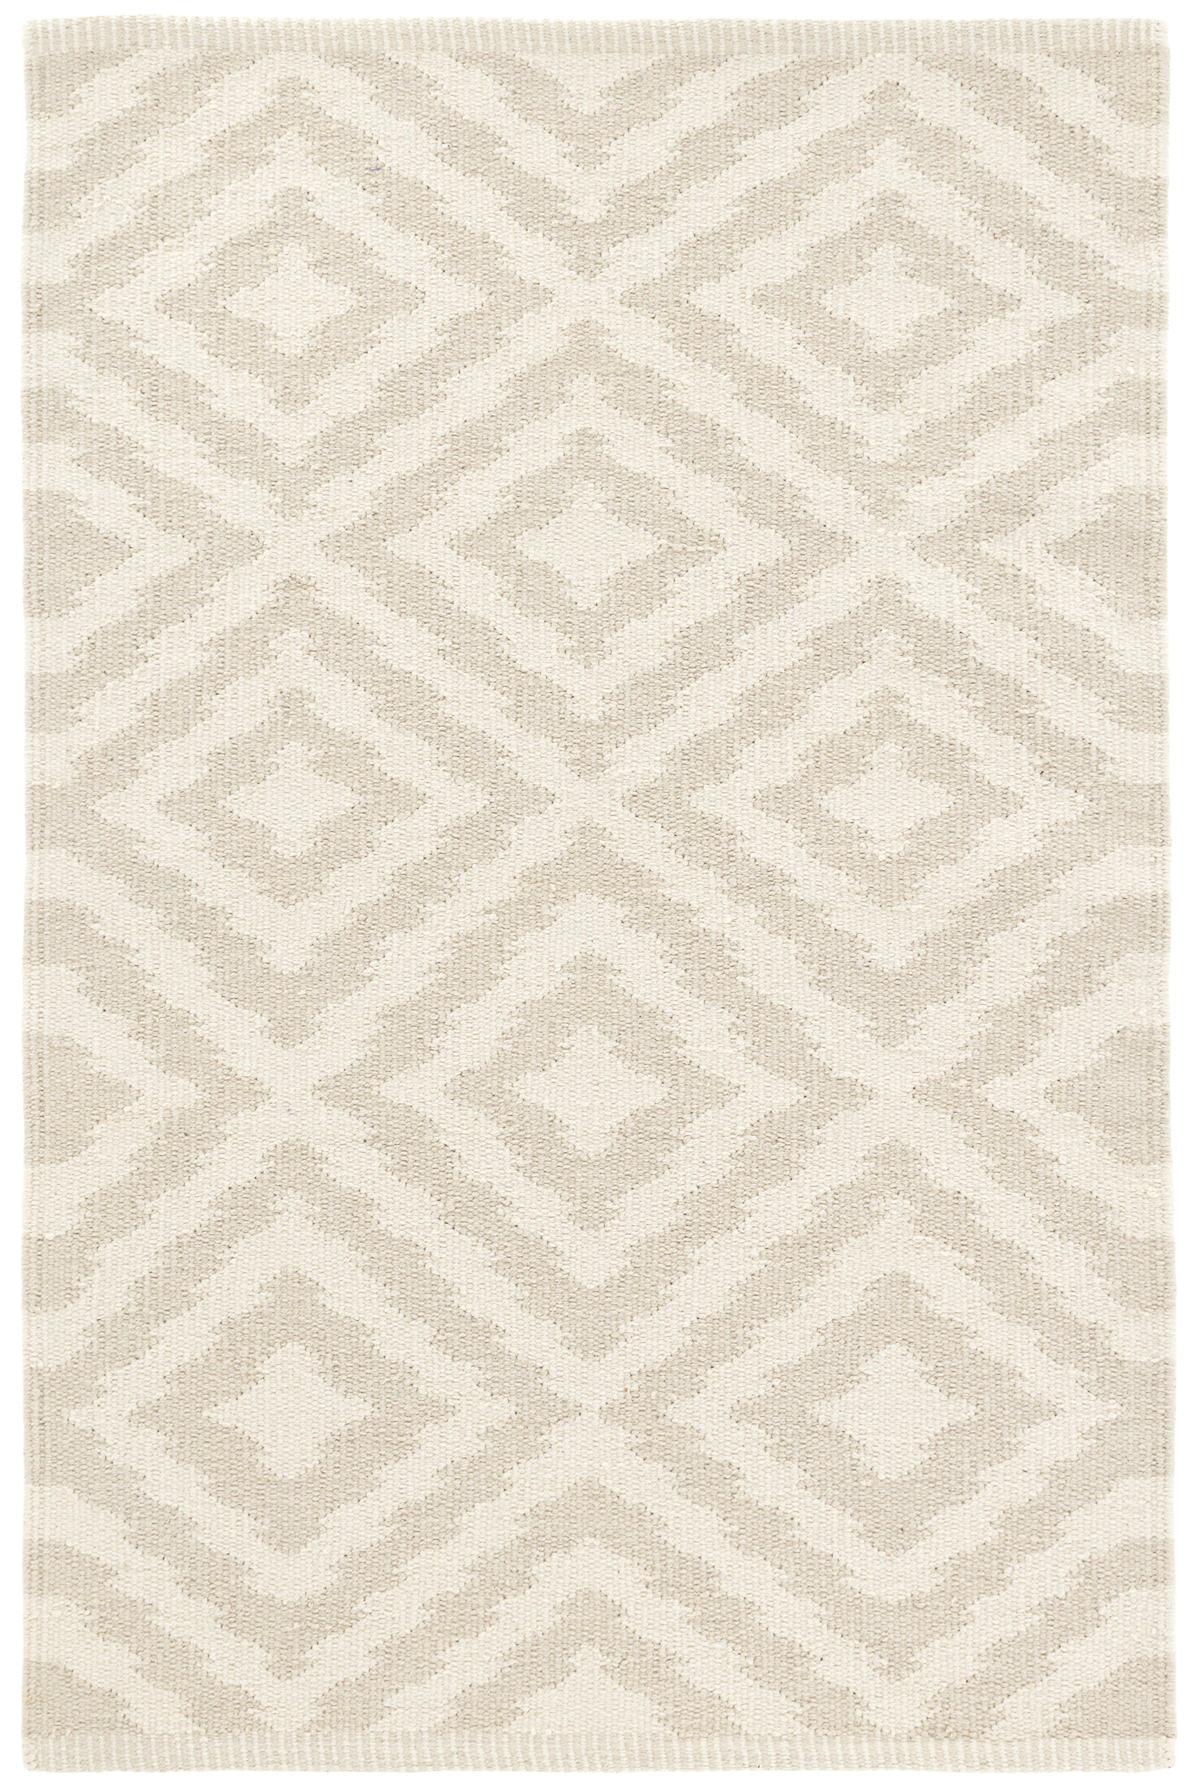 Clover Cement Woven Cotton Rug